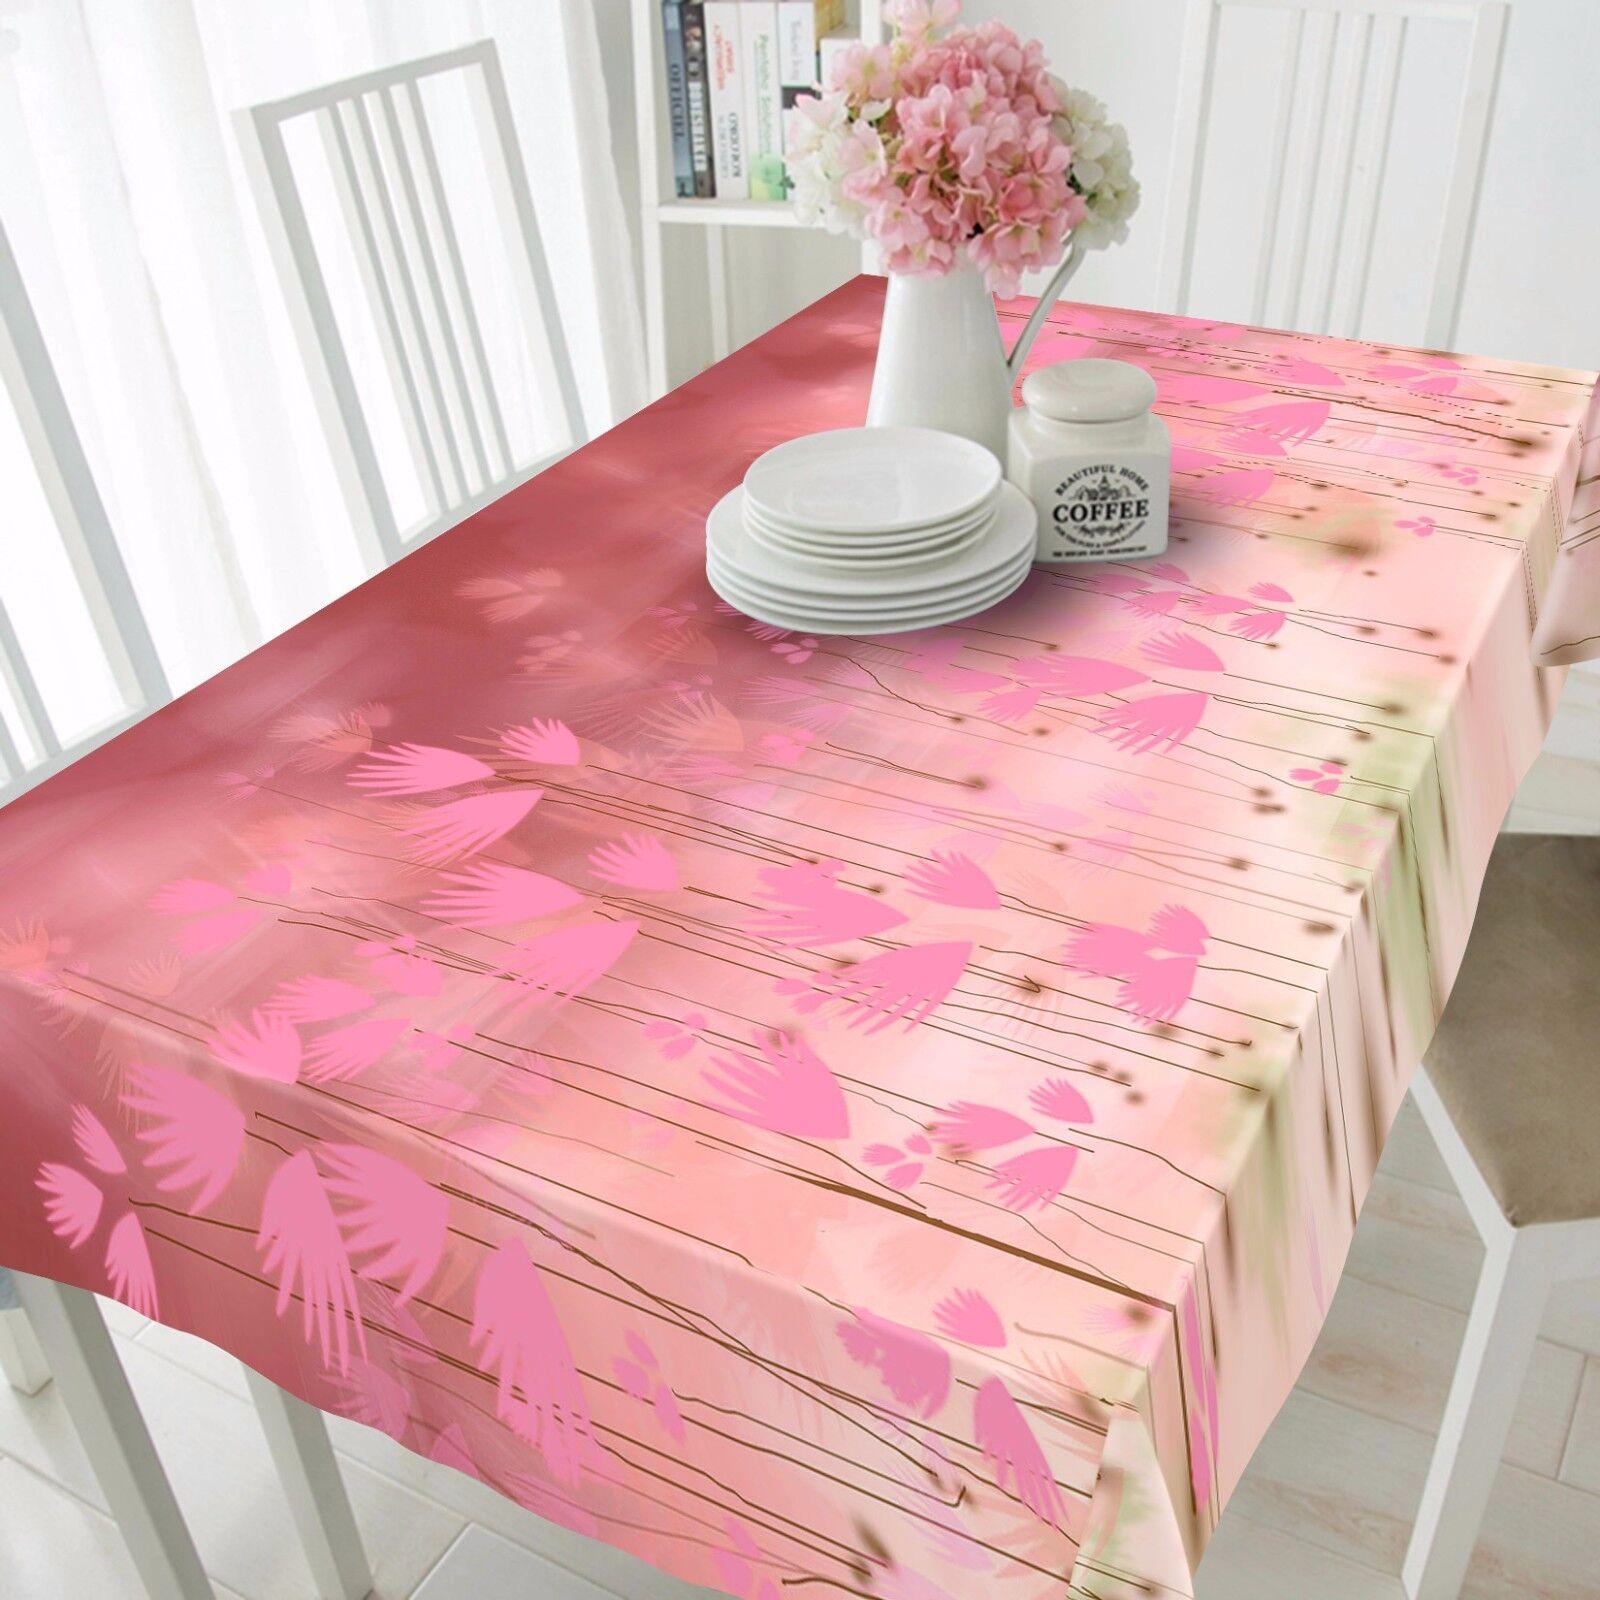 3D Feuille Rose 80 Nappe Table Cover Cloth Fête D'Anniversaire événement AJ papier peint UK